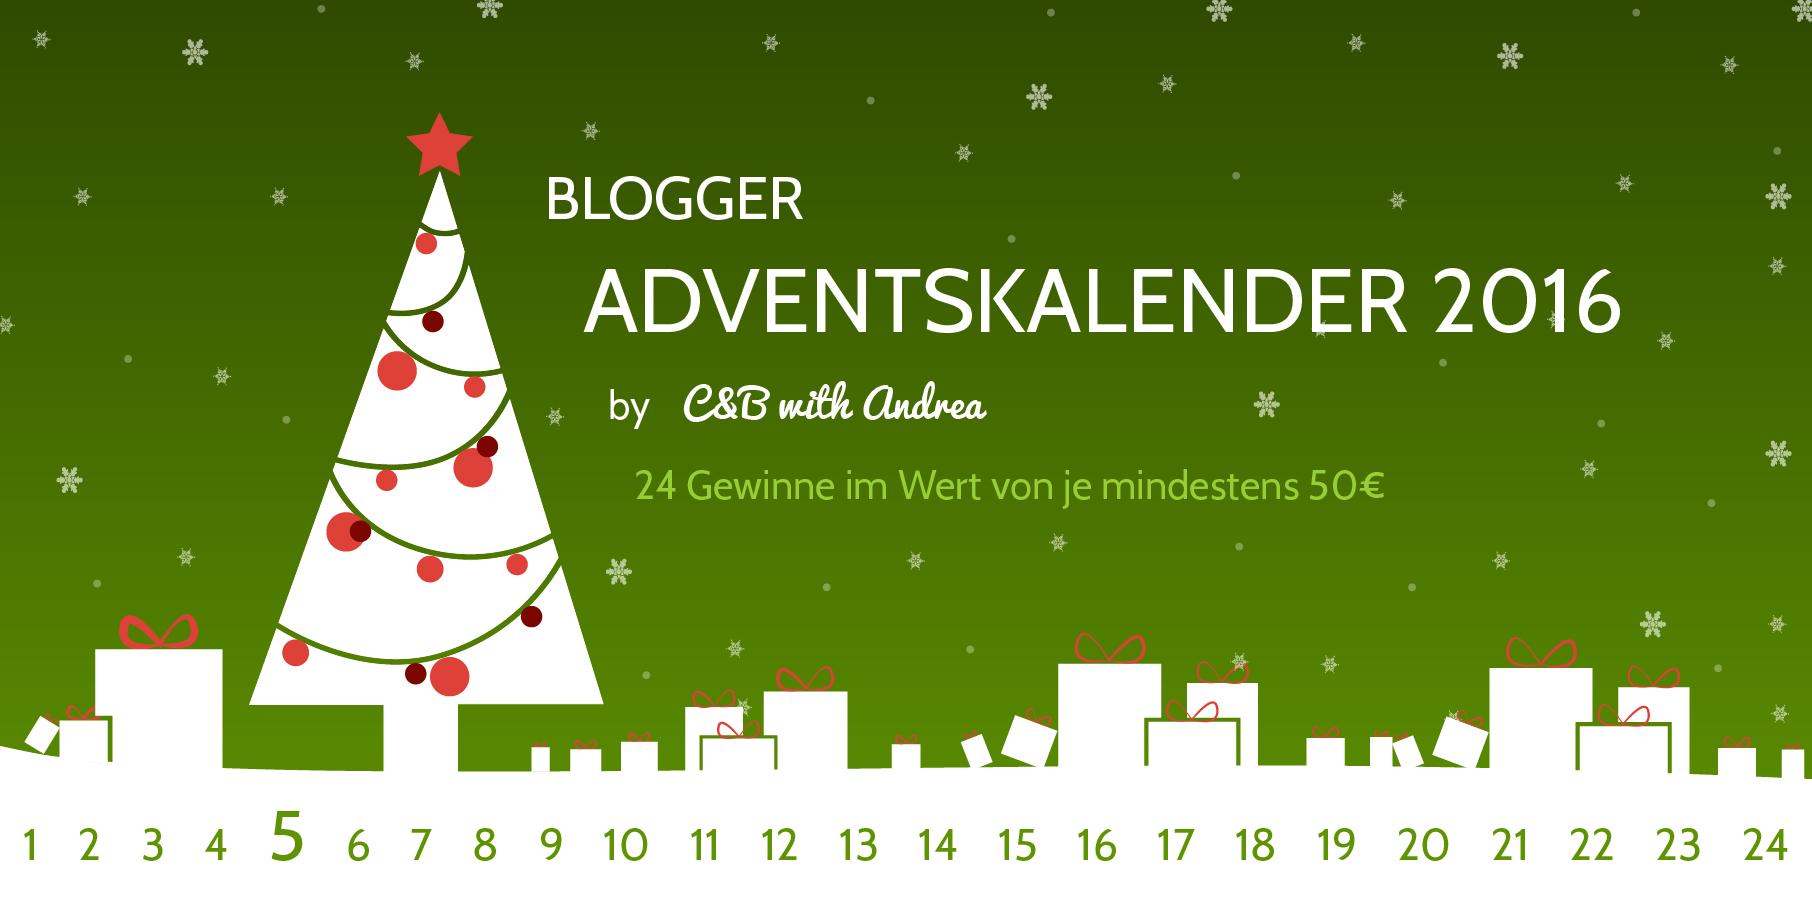 Das ÜberSee-Mädchen beim C&B-with-Andrea-Adventskalender